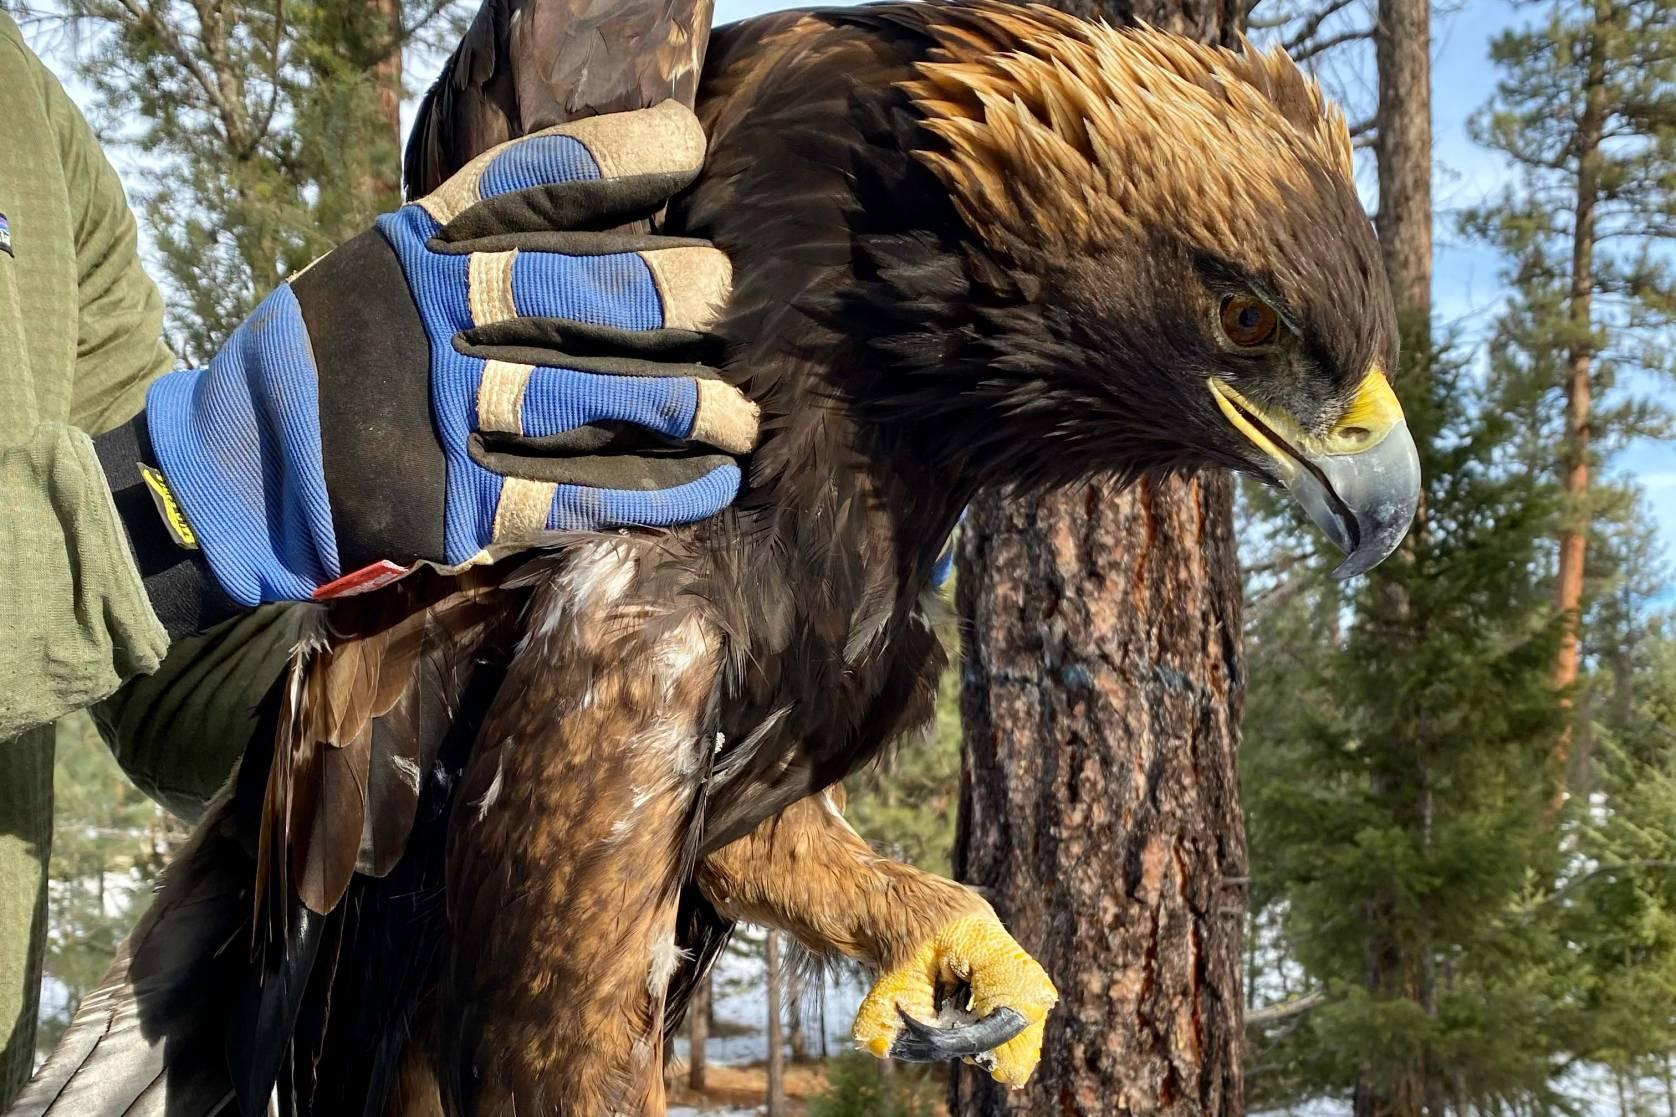 Lead-poisoned golden eagle.